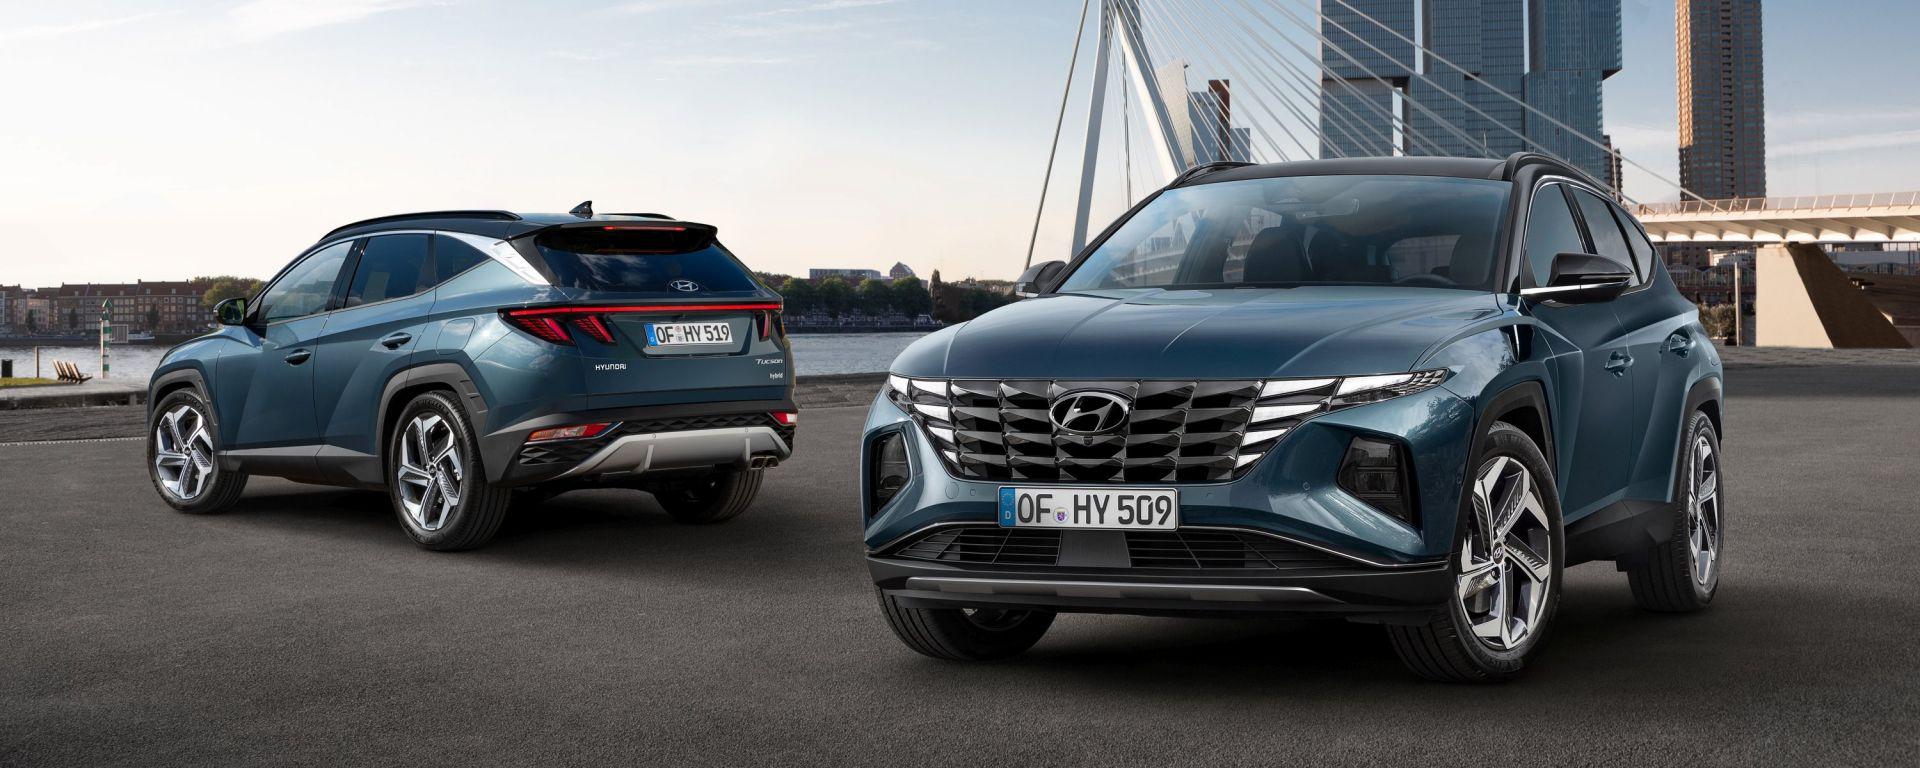 Hyundai Tucson 2020: in arrivo entro la fine dell'anno